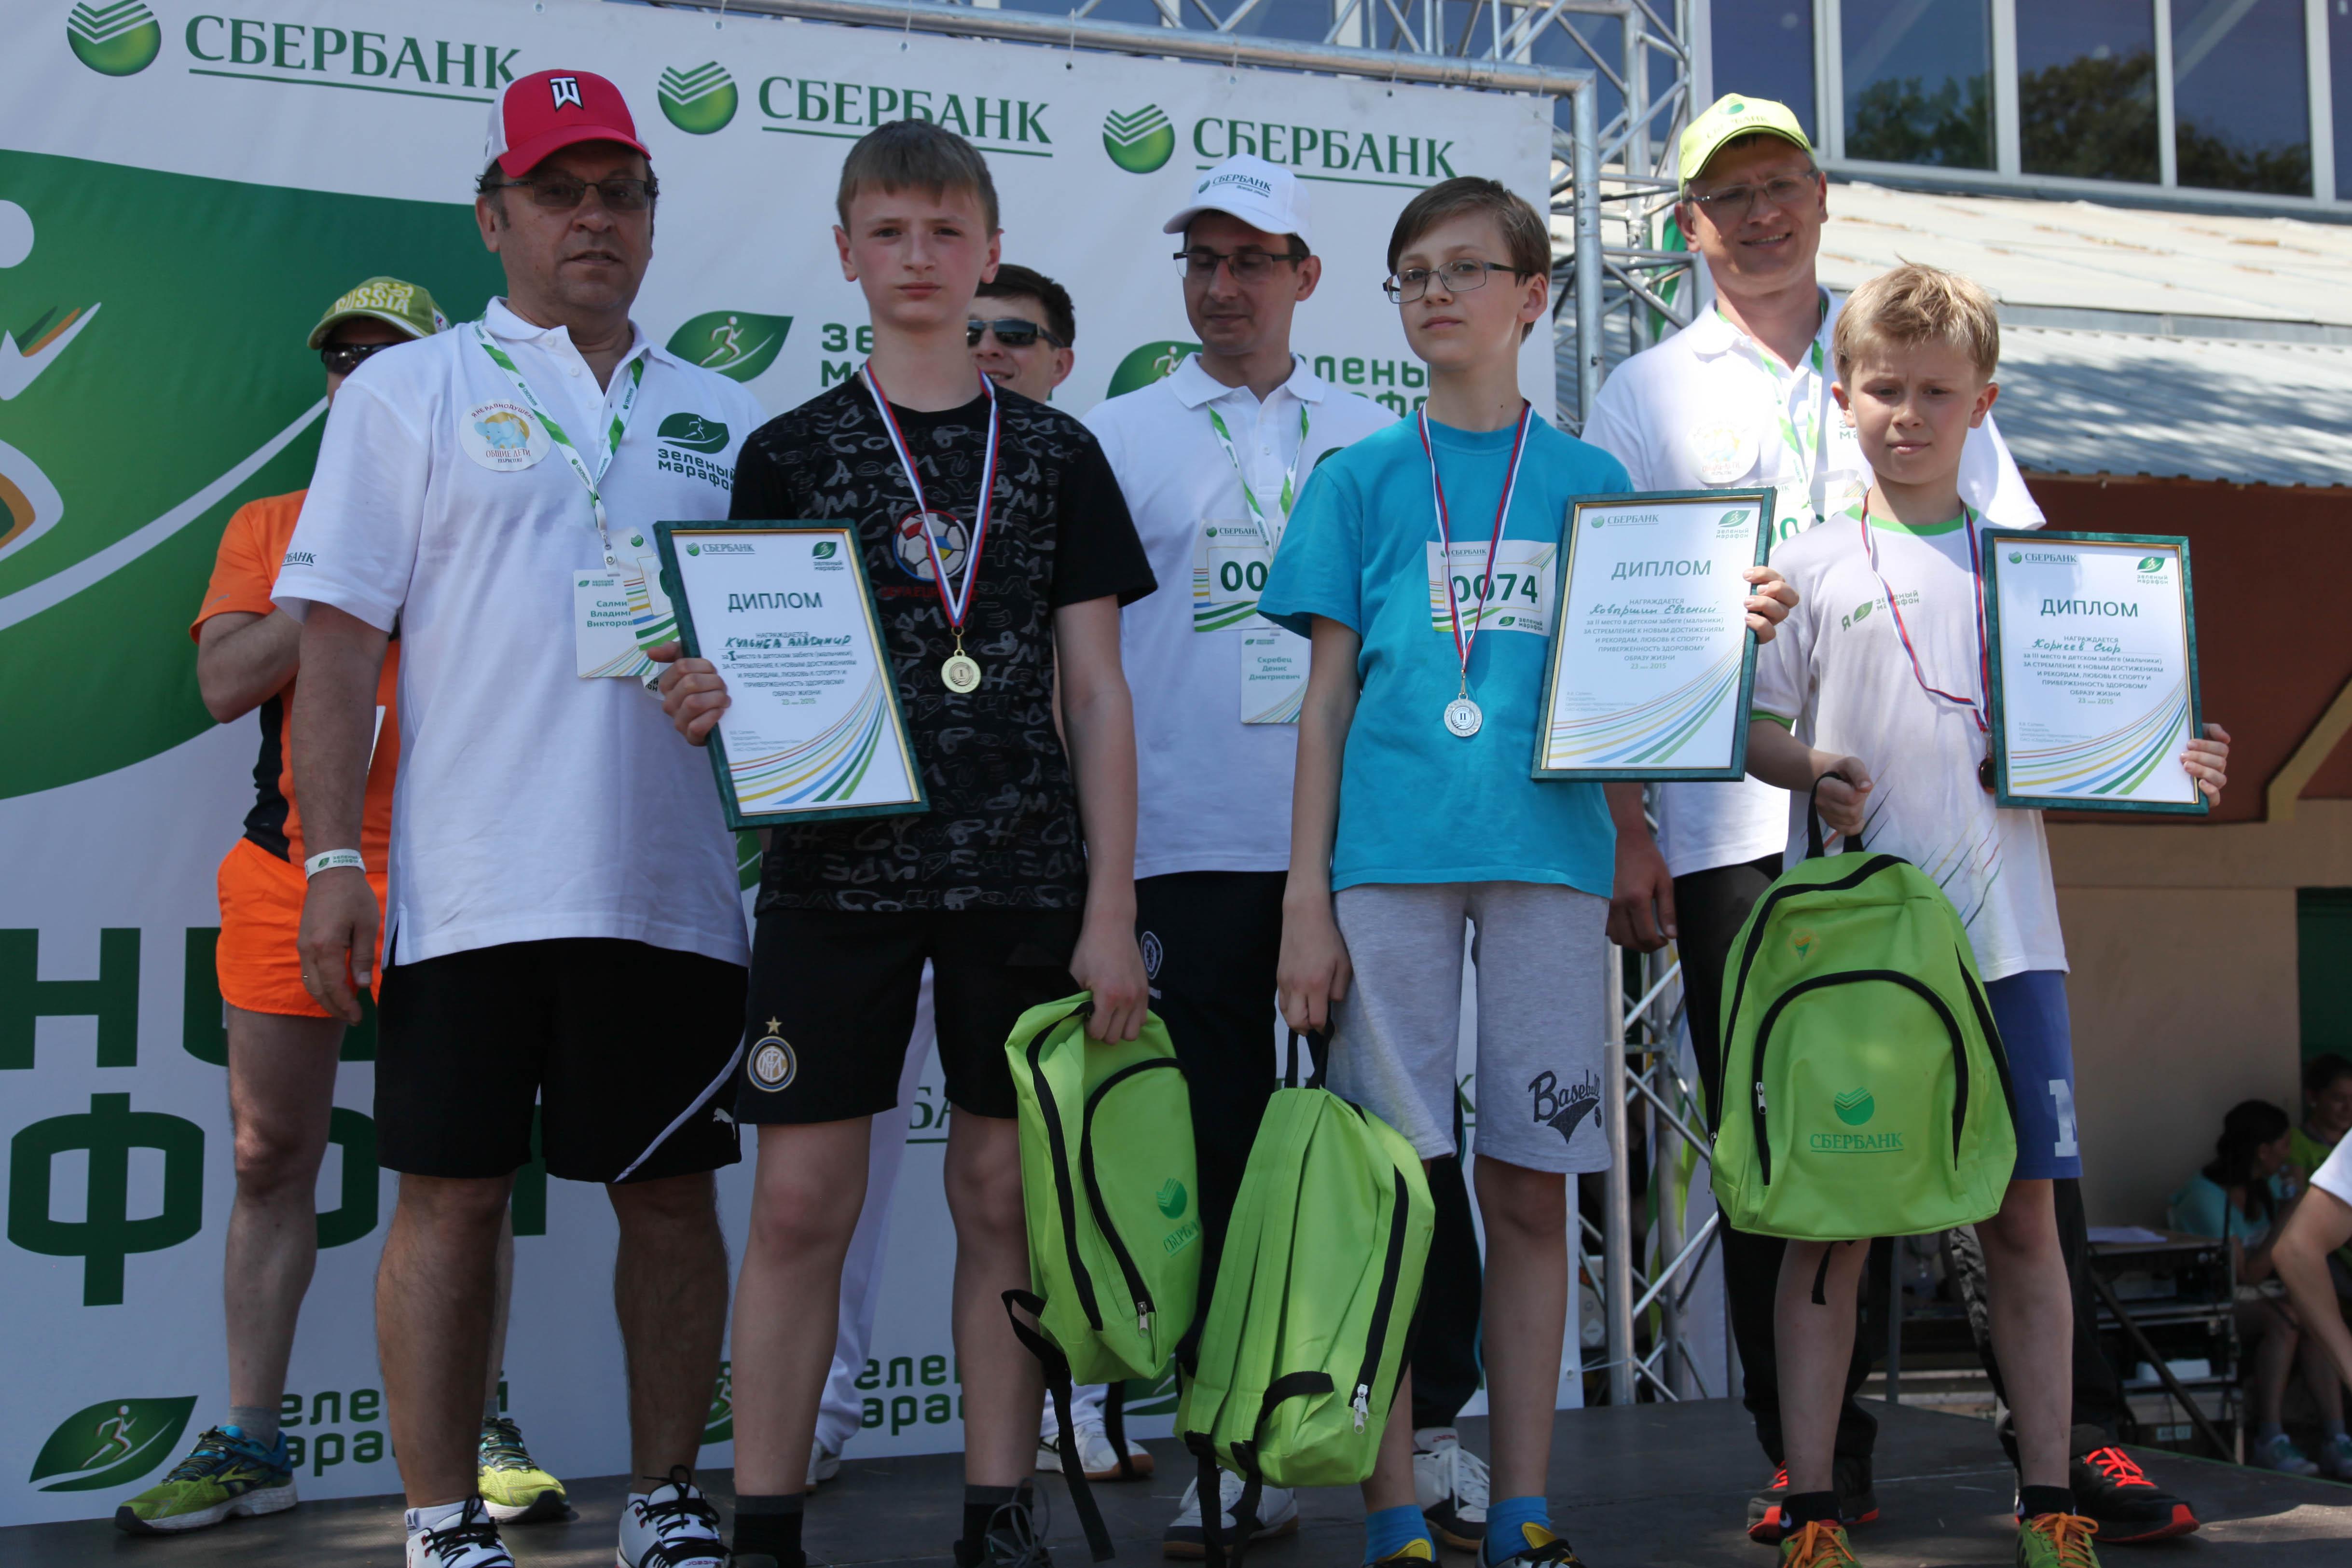 Сбербанк Зеленый марафон (3)+